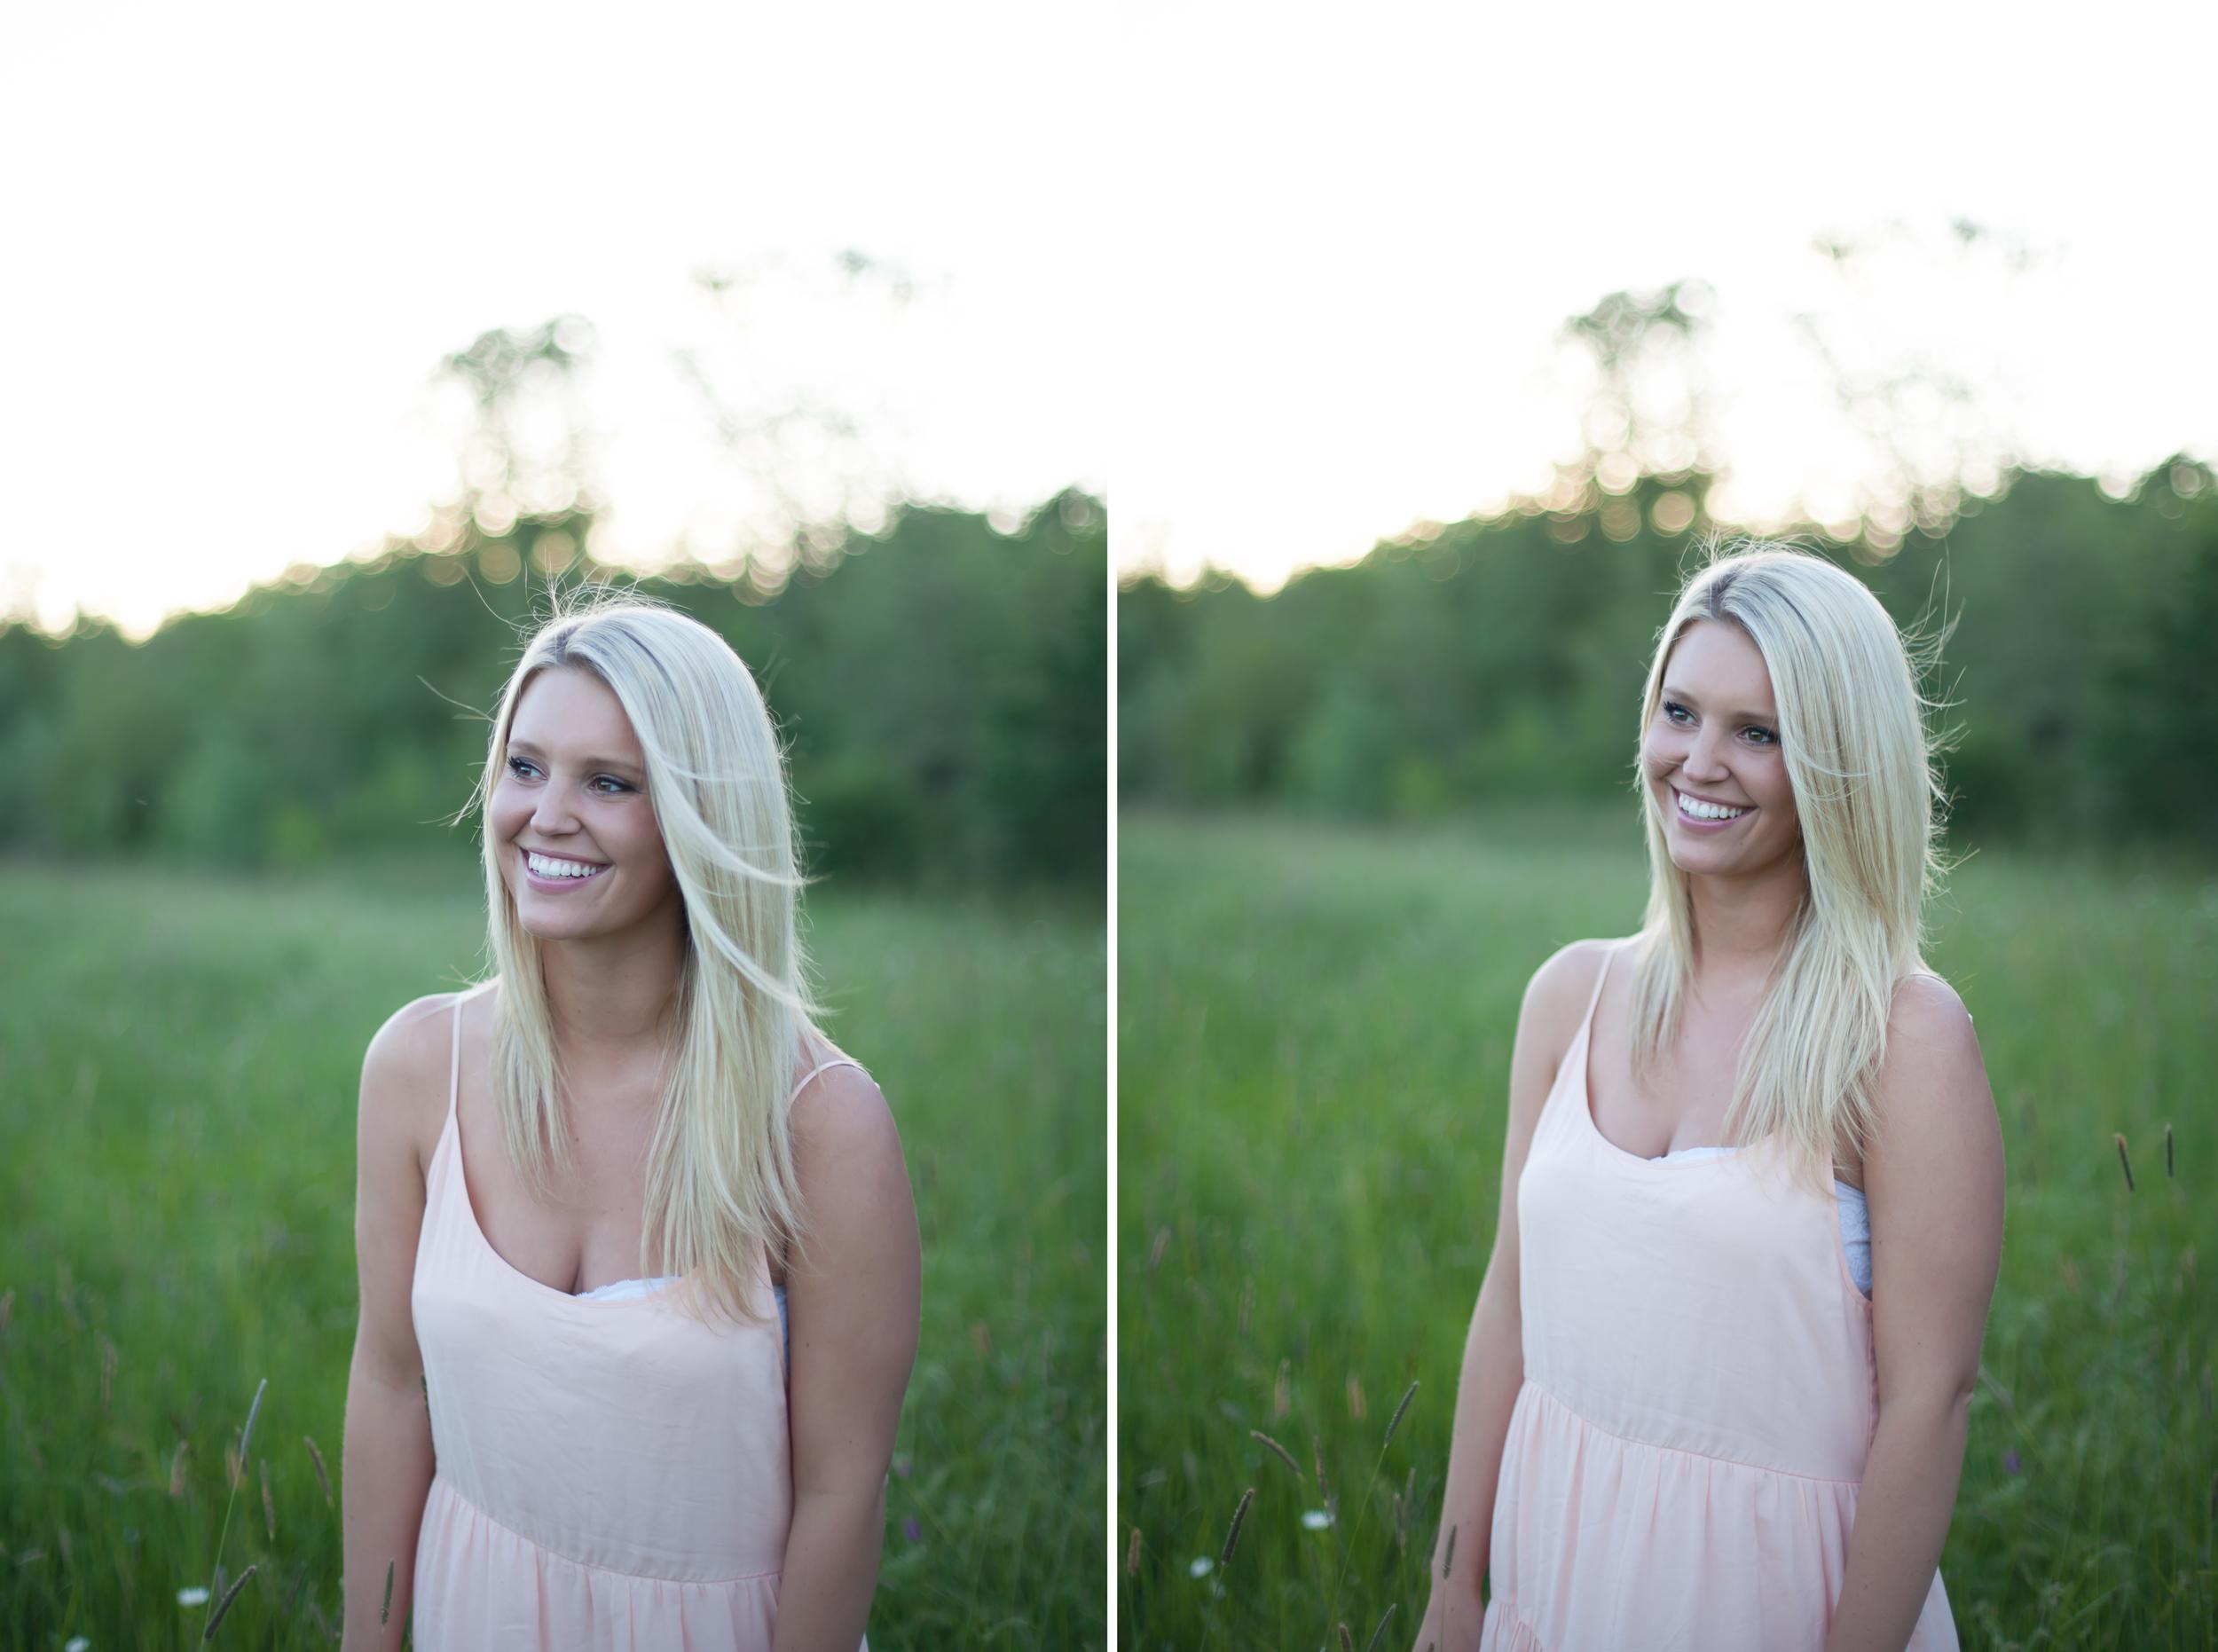 olivia_ashton_photography_kelsey12